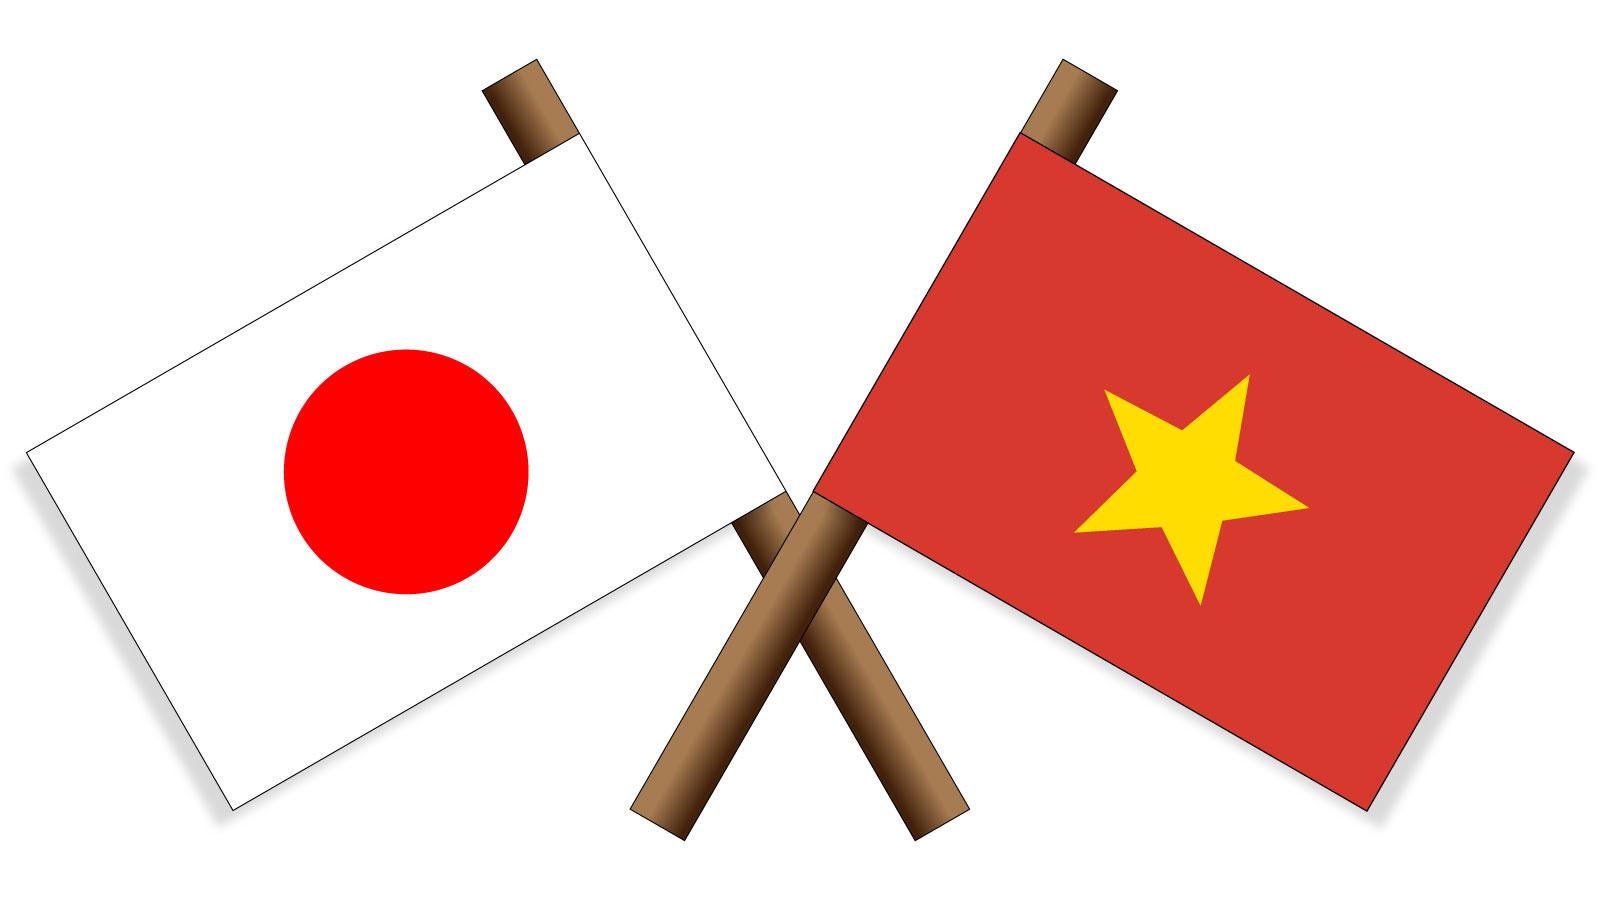 日本人がベトナム人と結婚する際の手続きと注意点